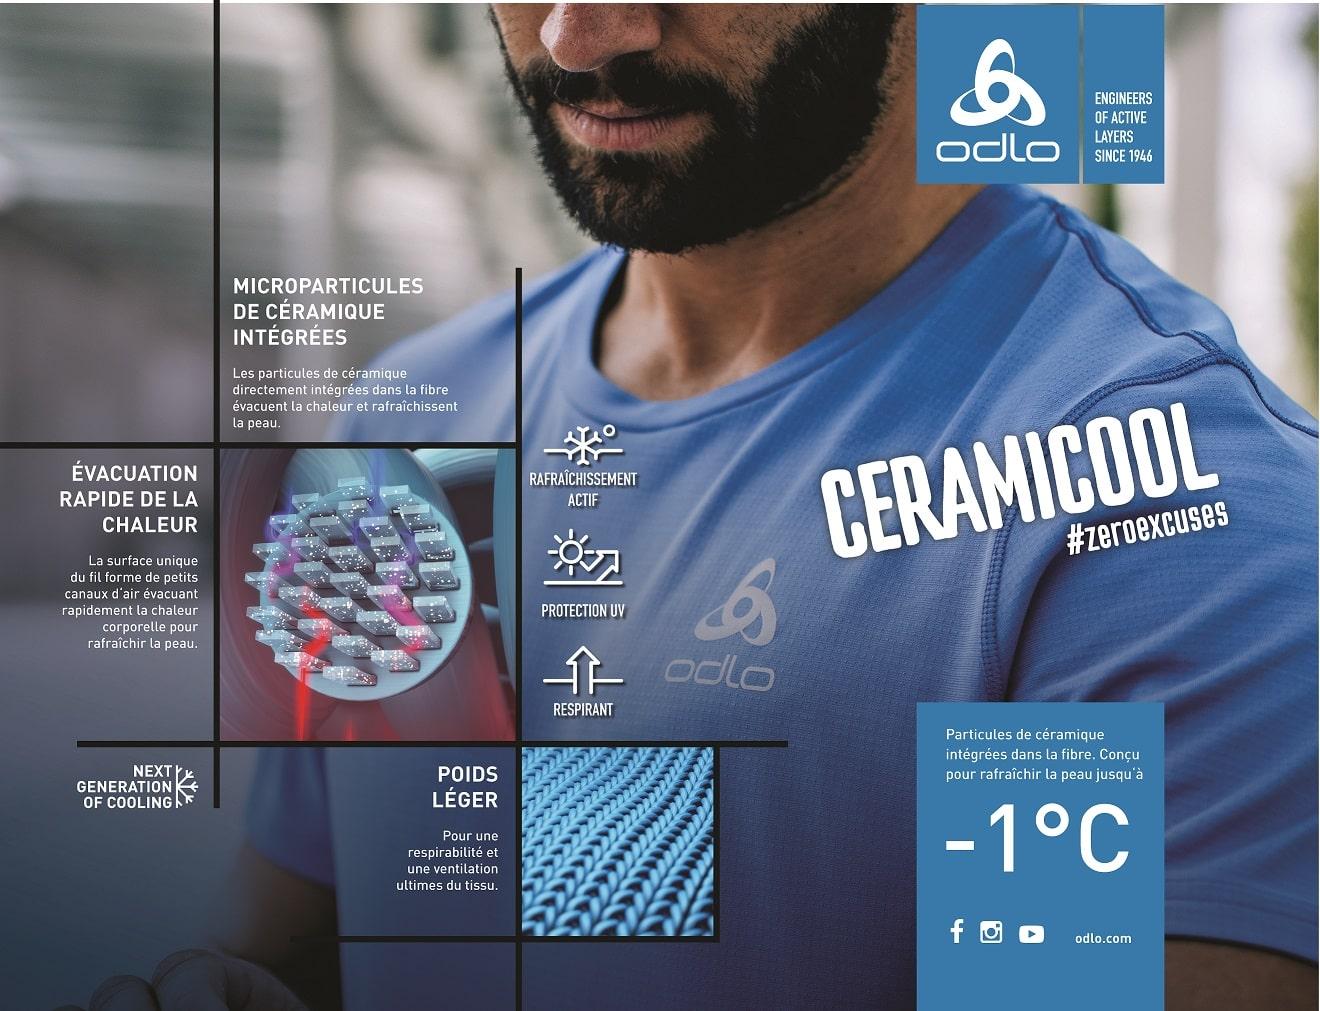 odlo-s19-ceramicool-tec-visual-light